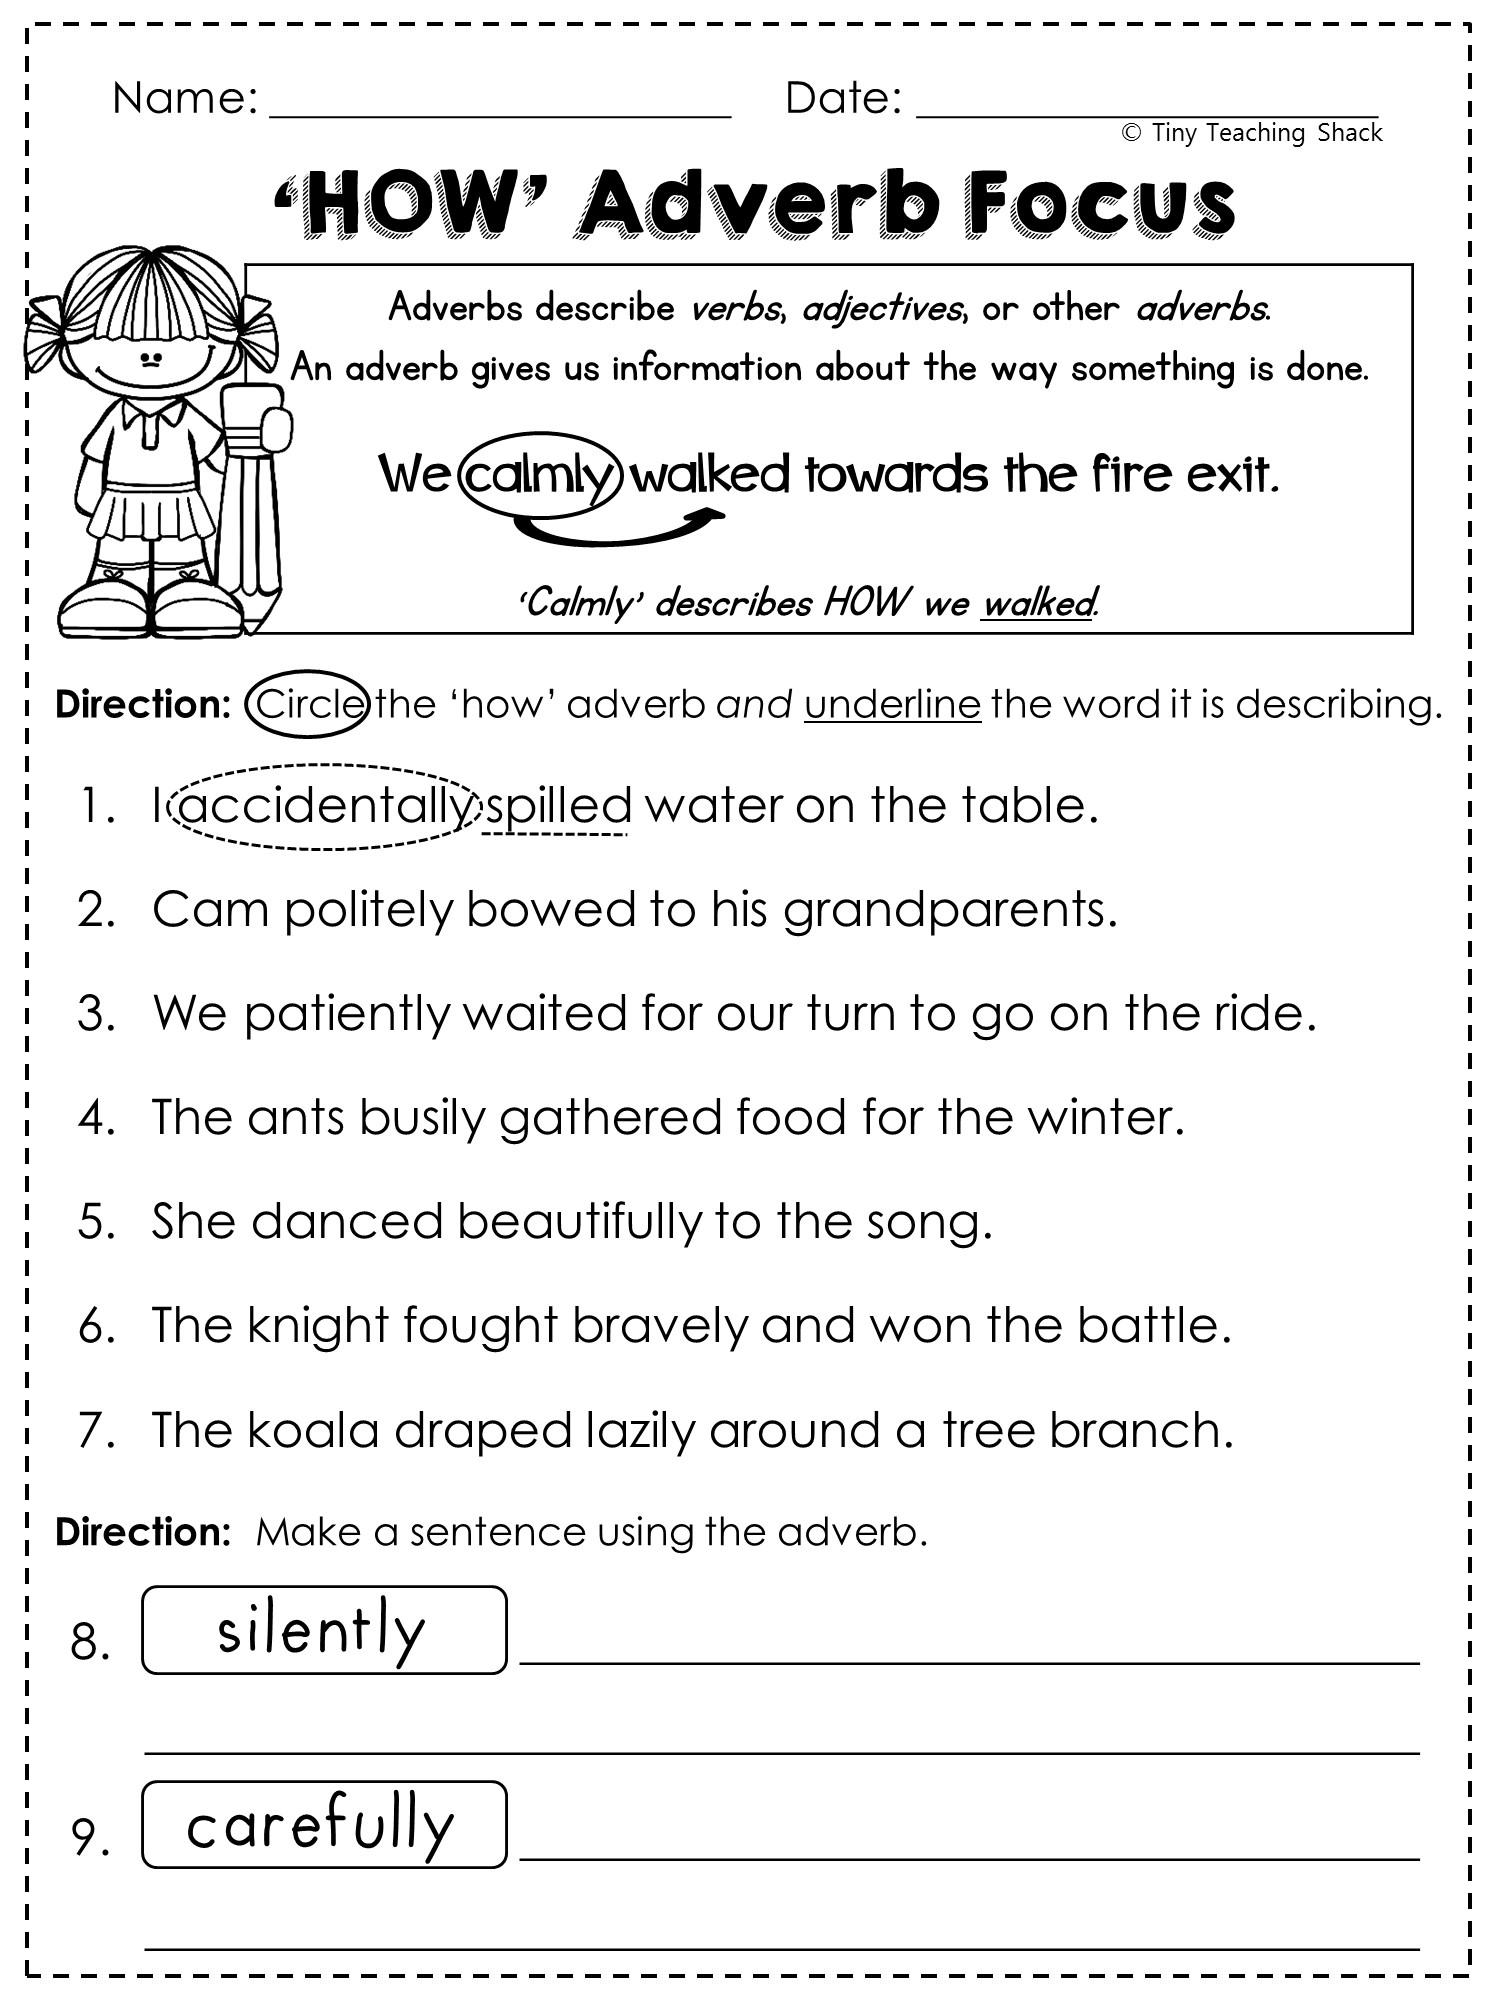 Free Adverb Worksheet Printables Pinterest Adverbs Worksheets